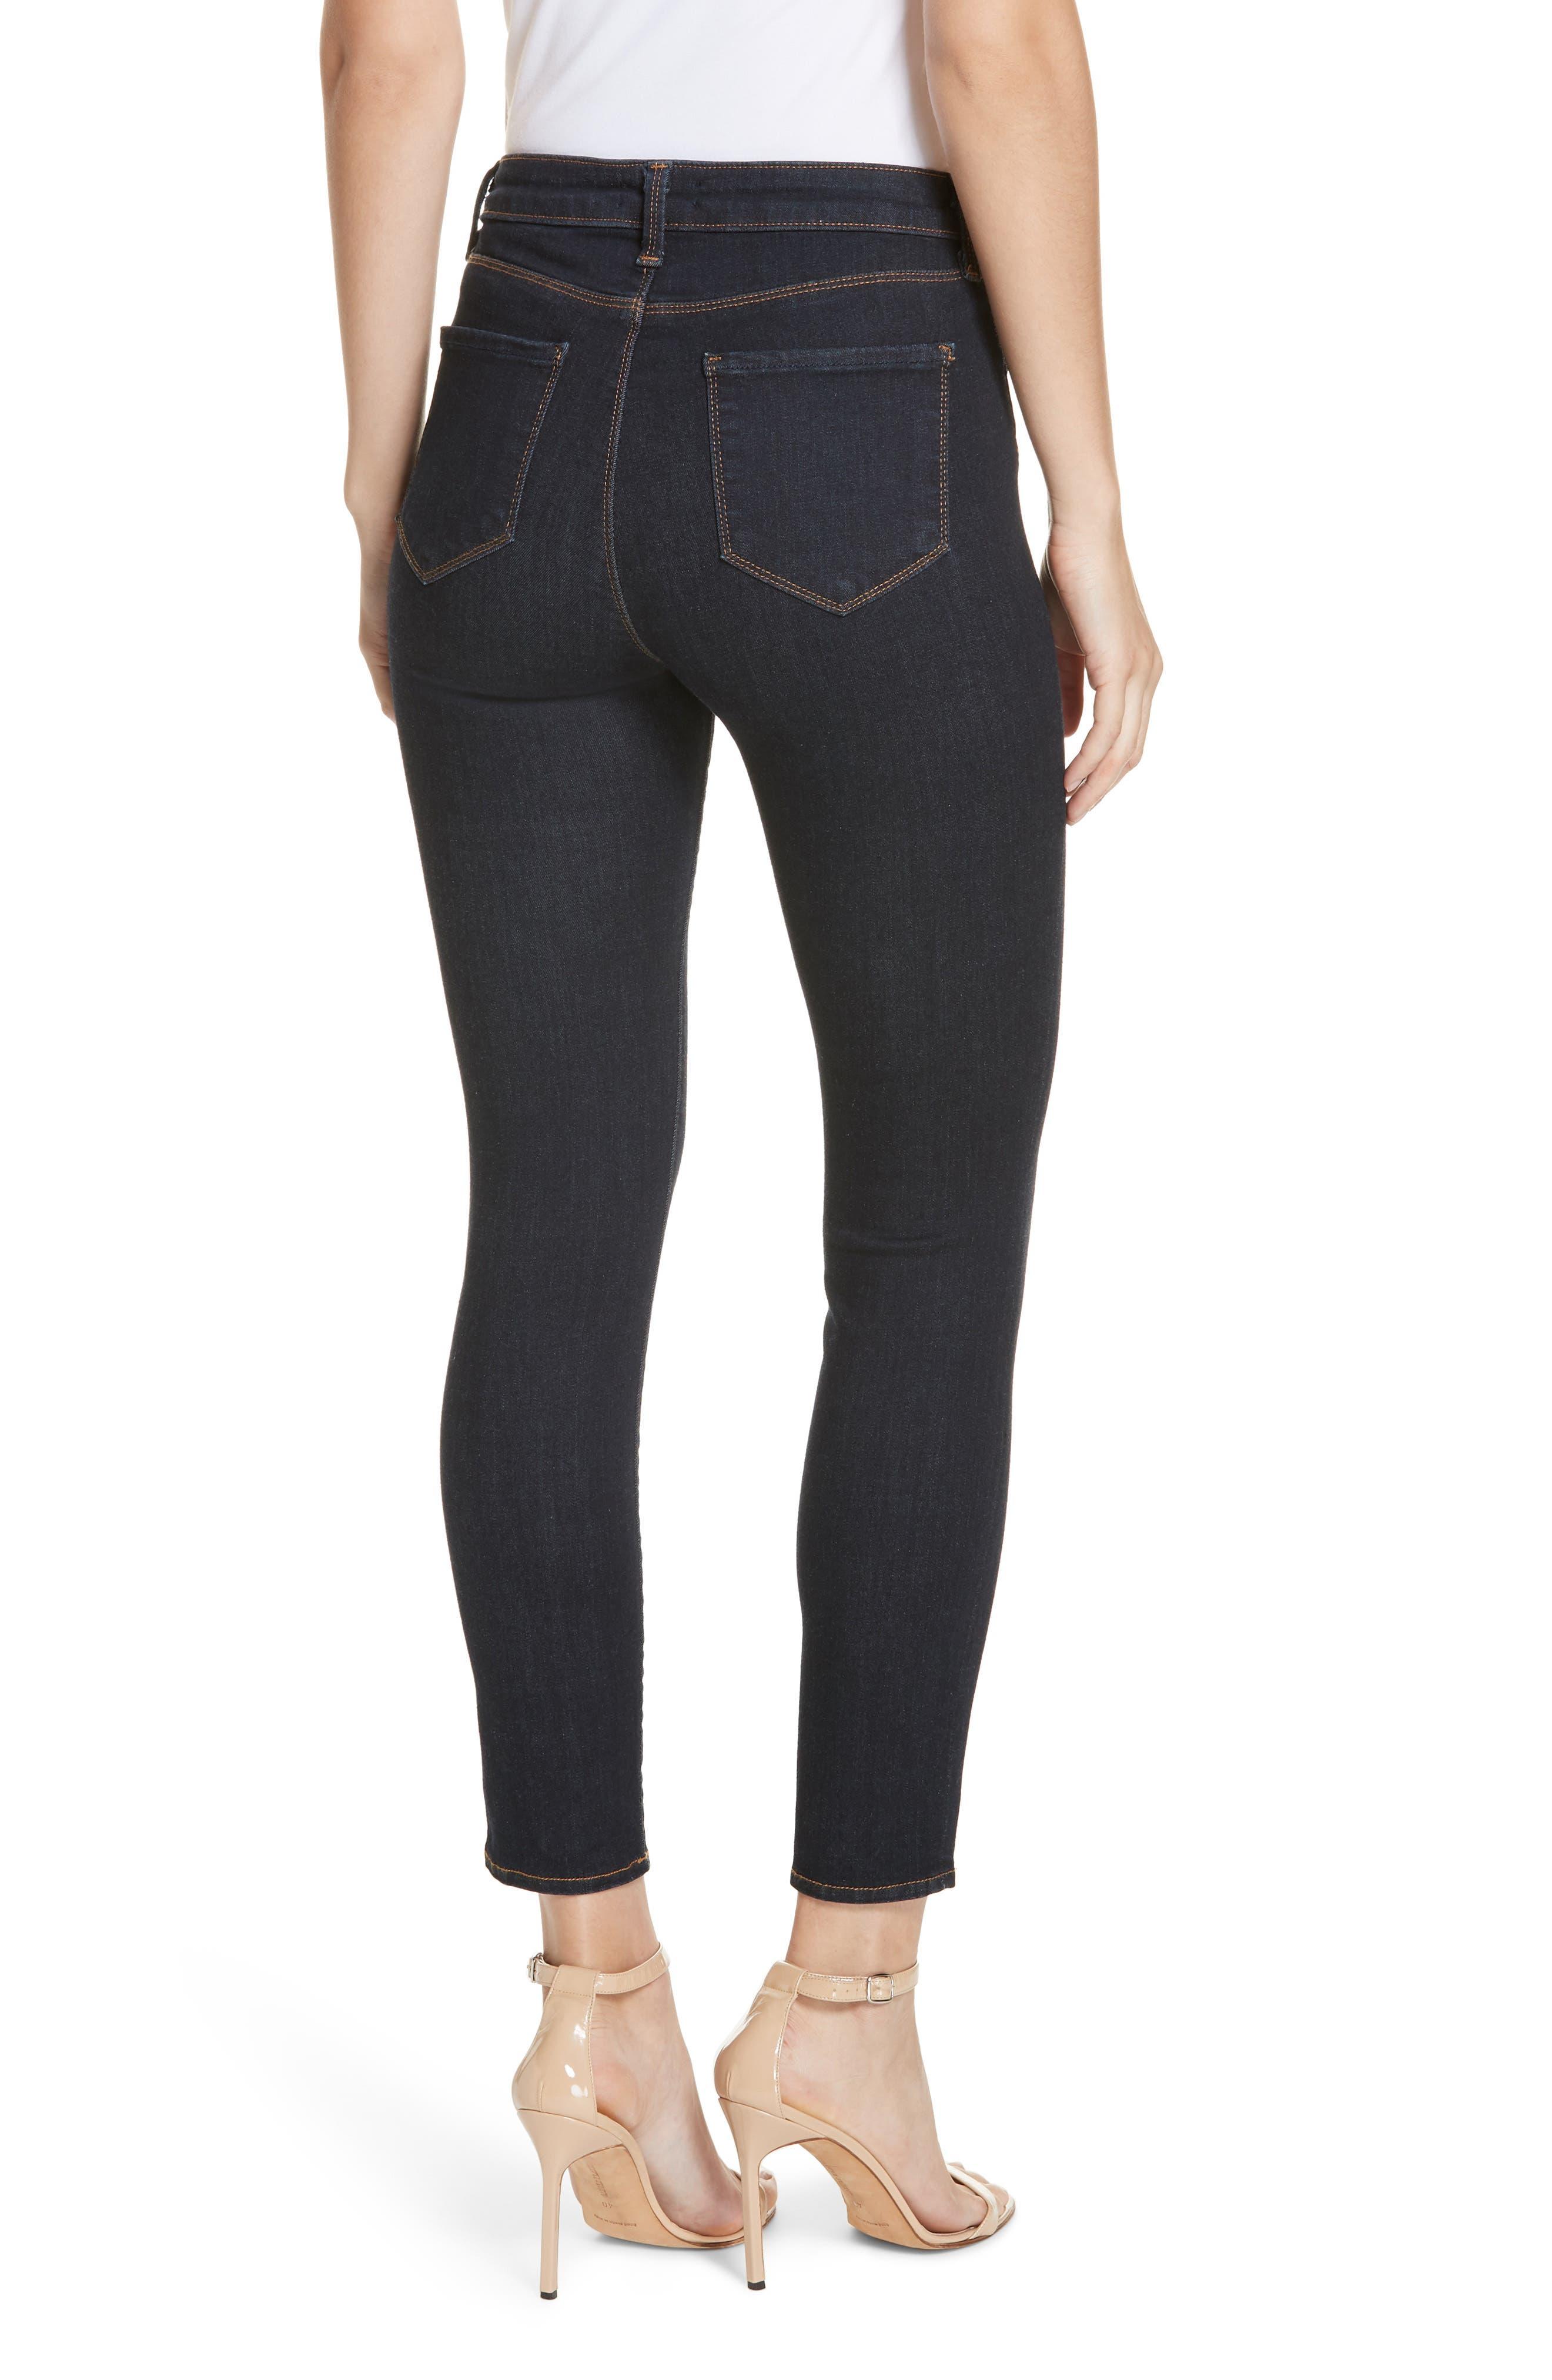 Margot High Waist Crop Jeans,                             Alternate thumbnail 2, color,                             MIDNIGHT